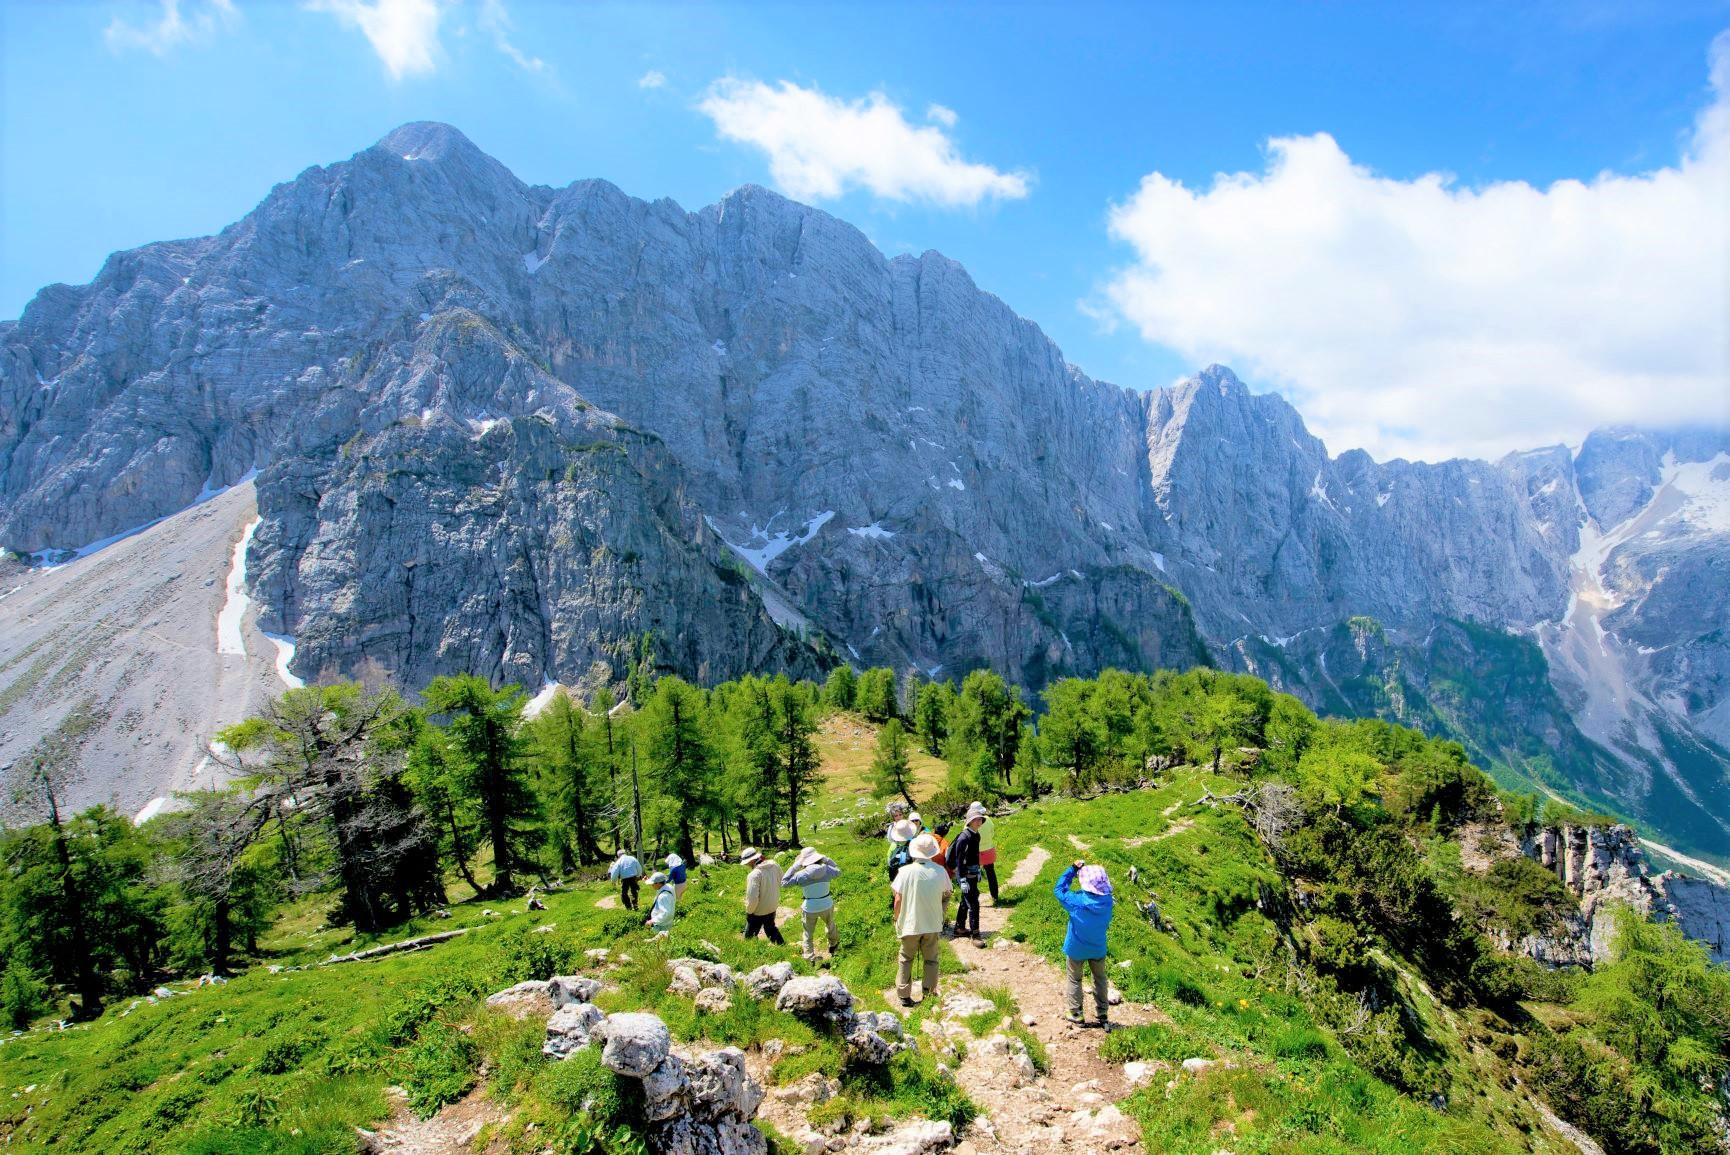 ヴァルシチ峠からユリアン・アルプスの好展望地を目指す(6日目)